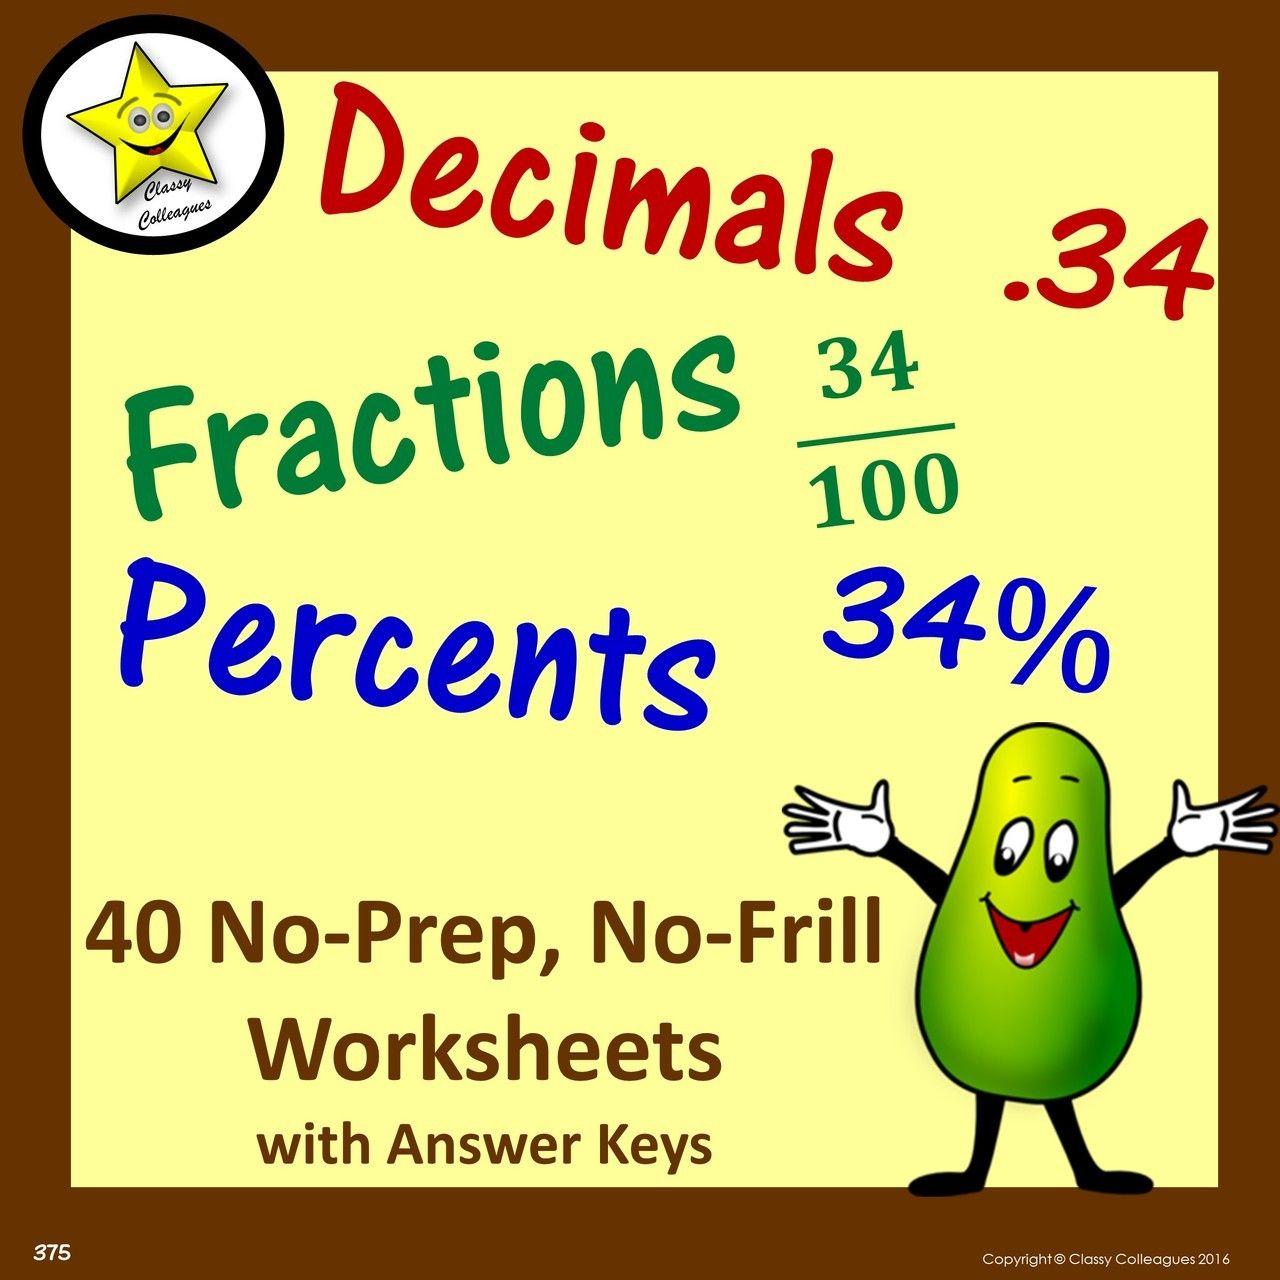 Decimal Fraction Percent Equivalent No Frill Worksheets